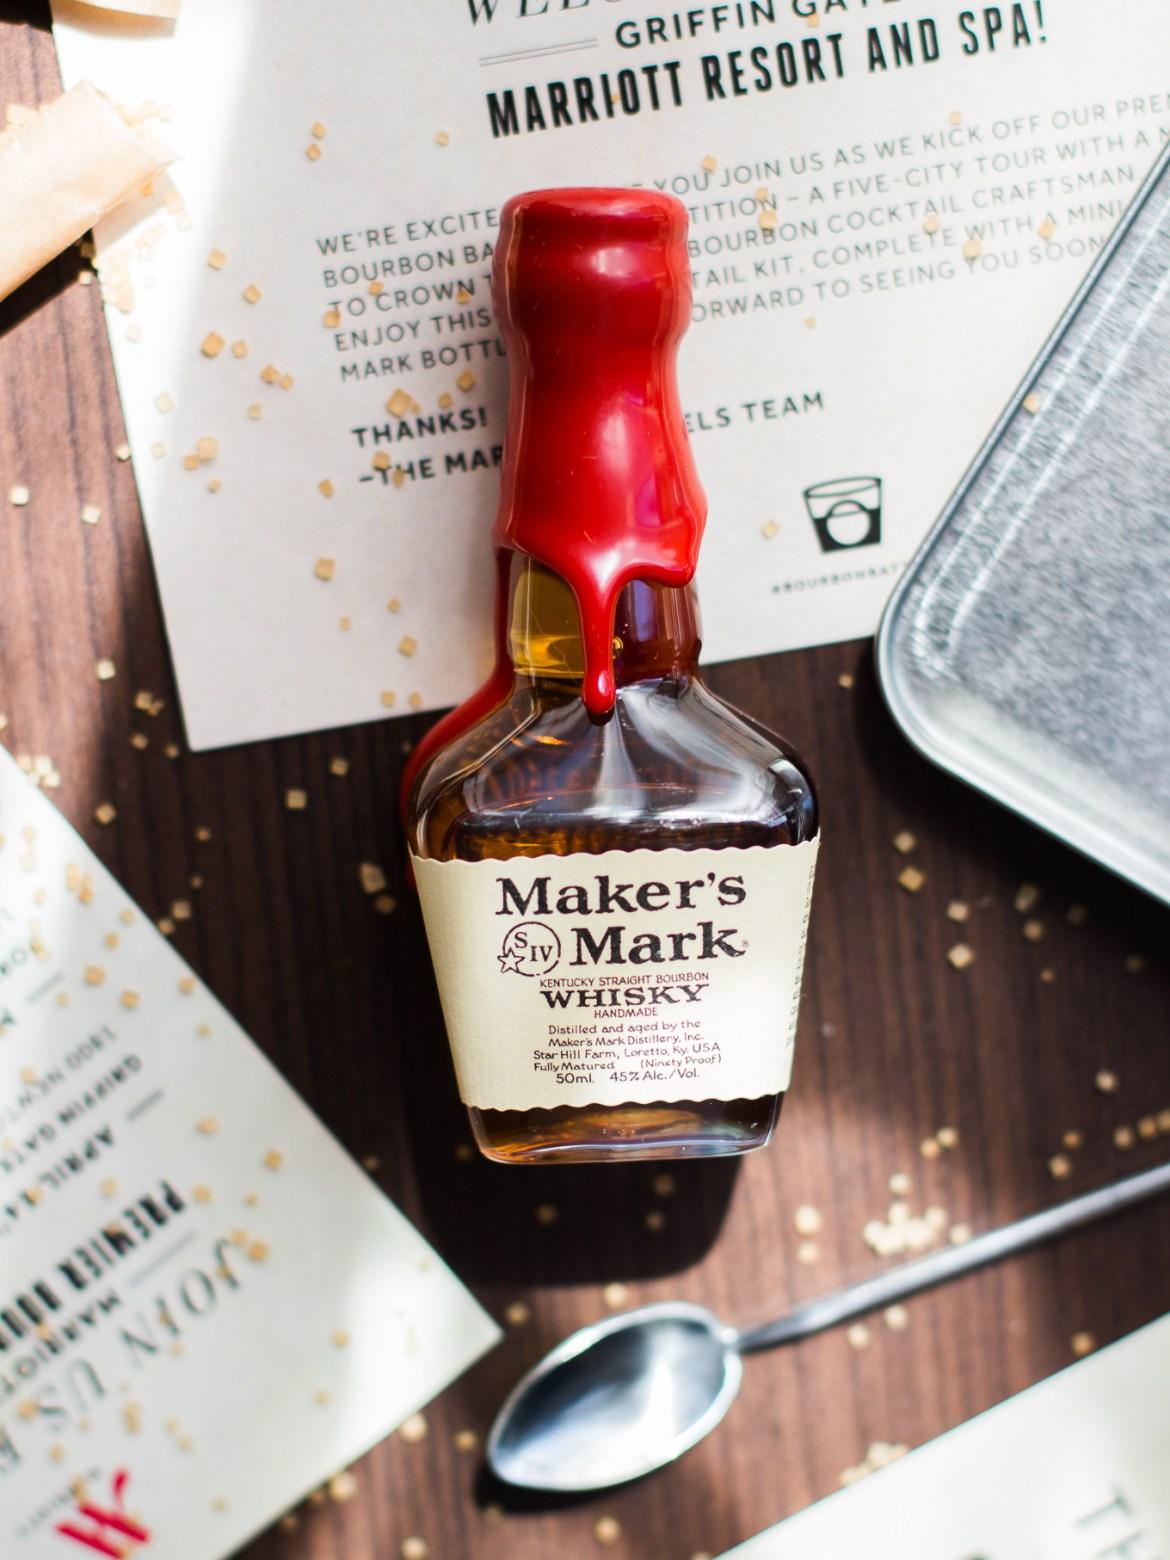 bourbon battles, makers mark barrel select, marriott griffin gate, lexington hotels, the kentucky gent